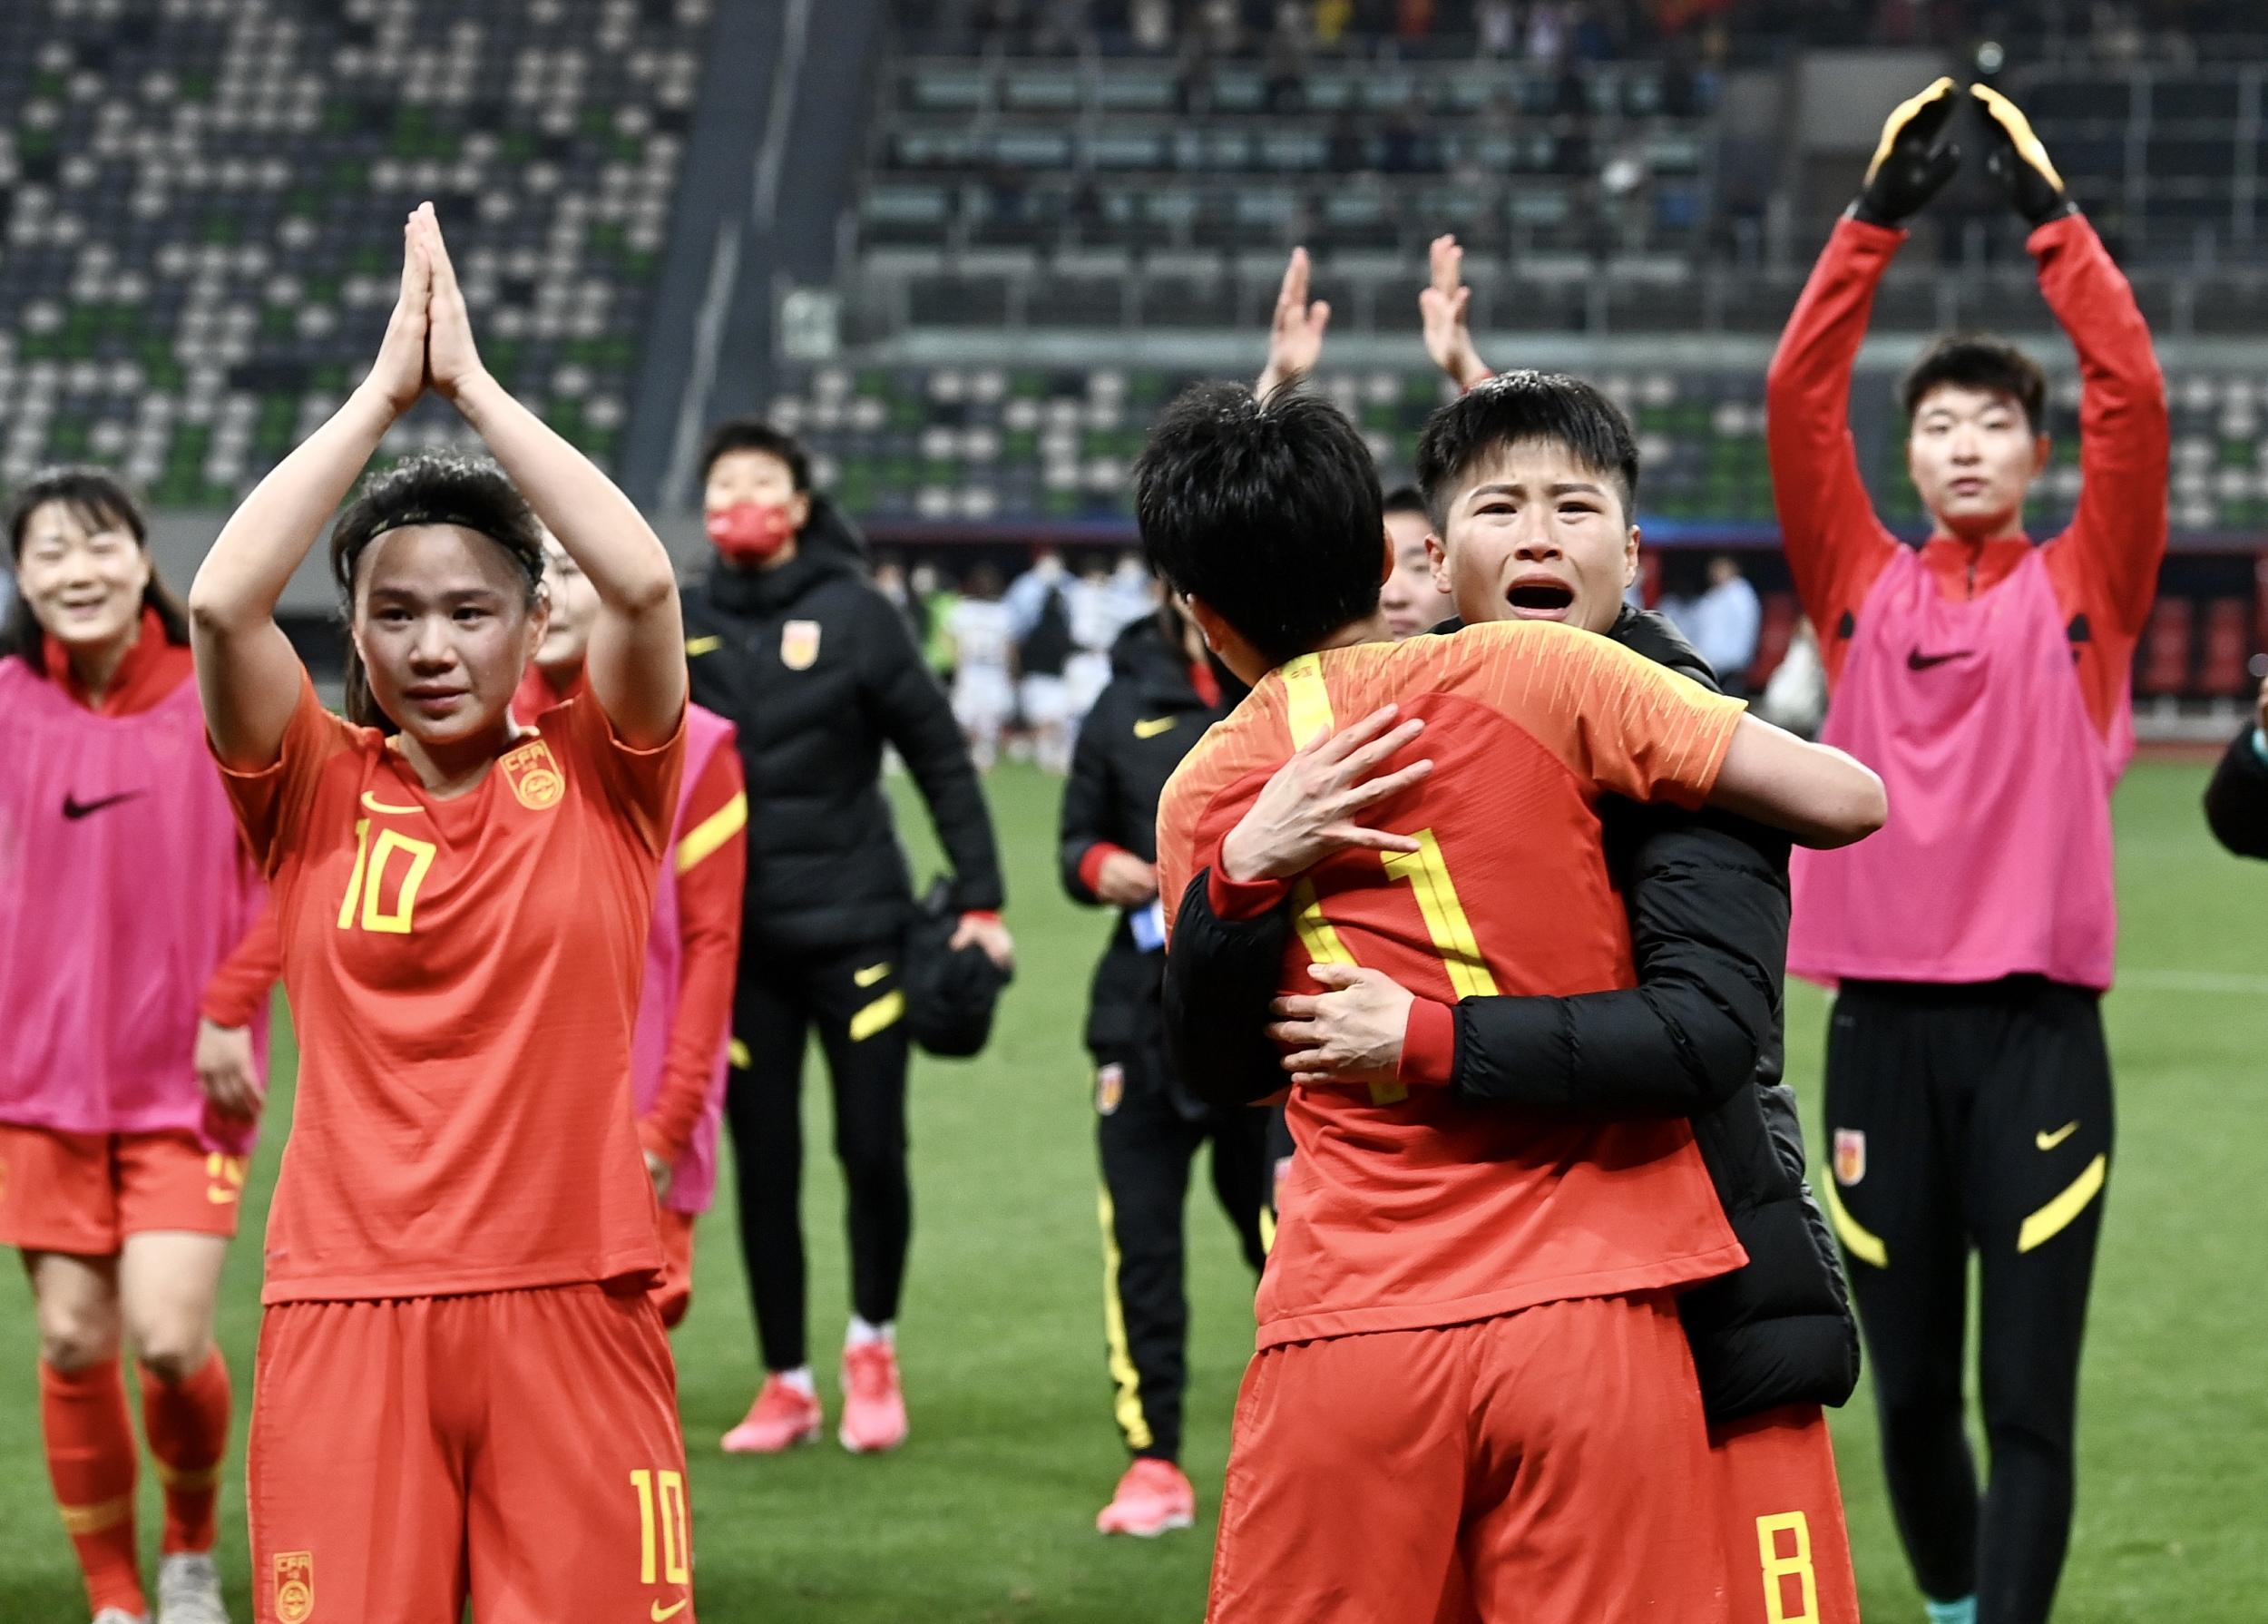 中国女足球员赛后感谢球迷。